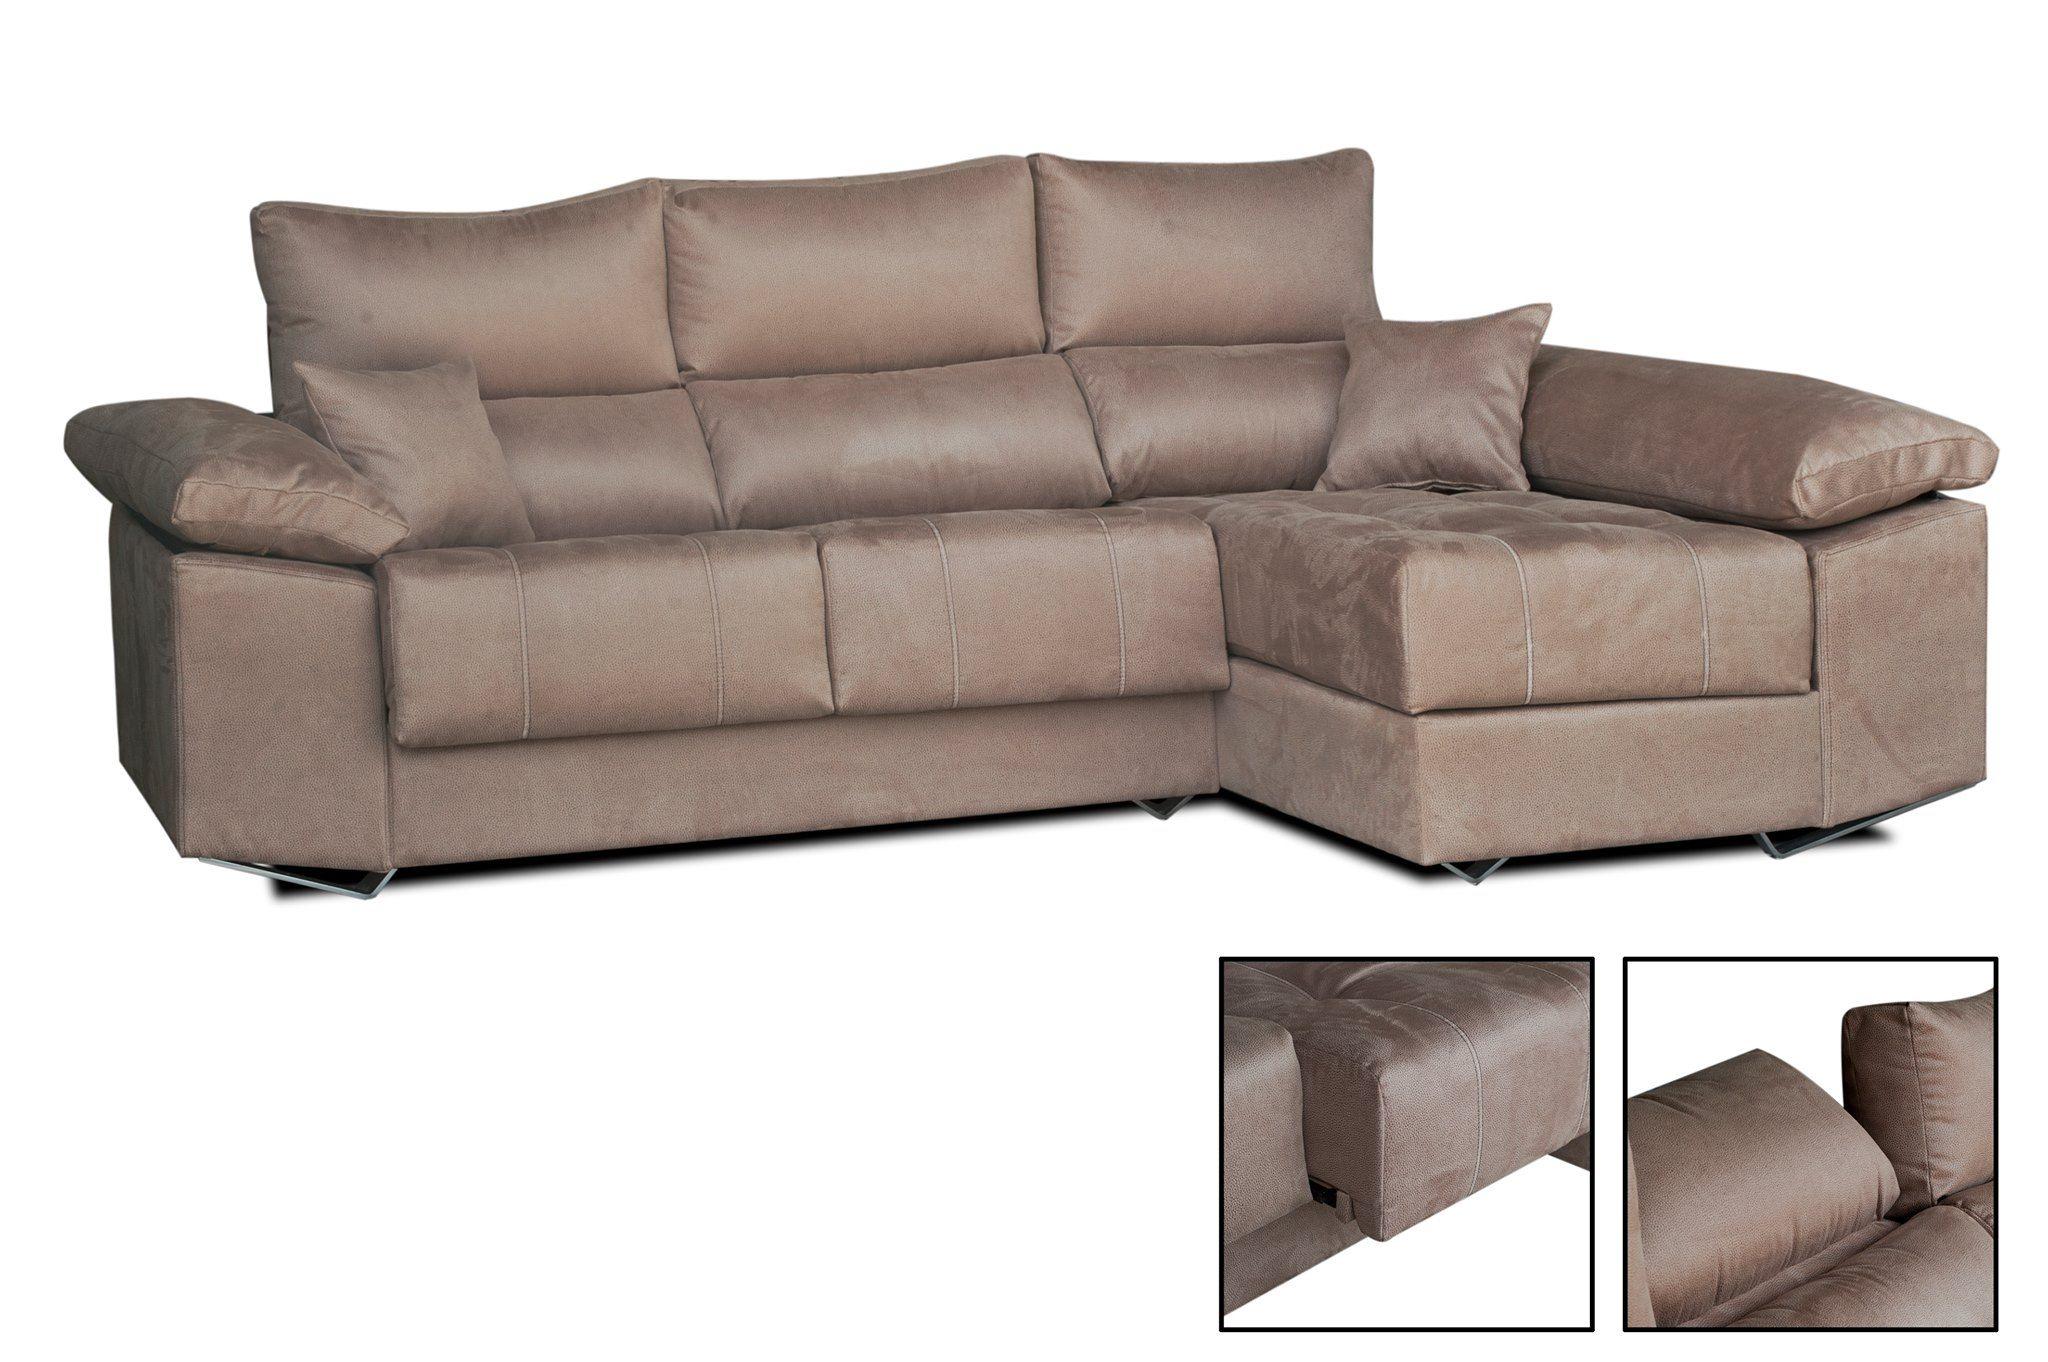 Venta de sofás en Jaén